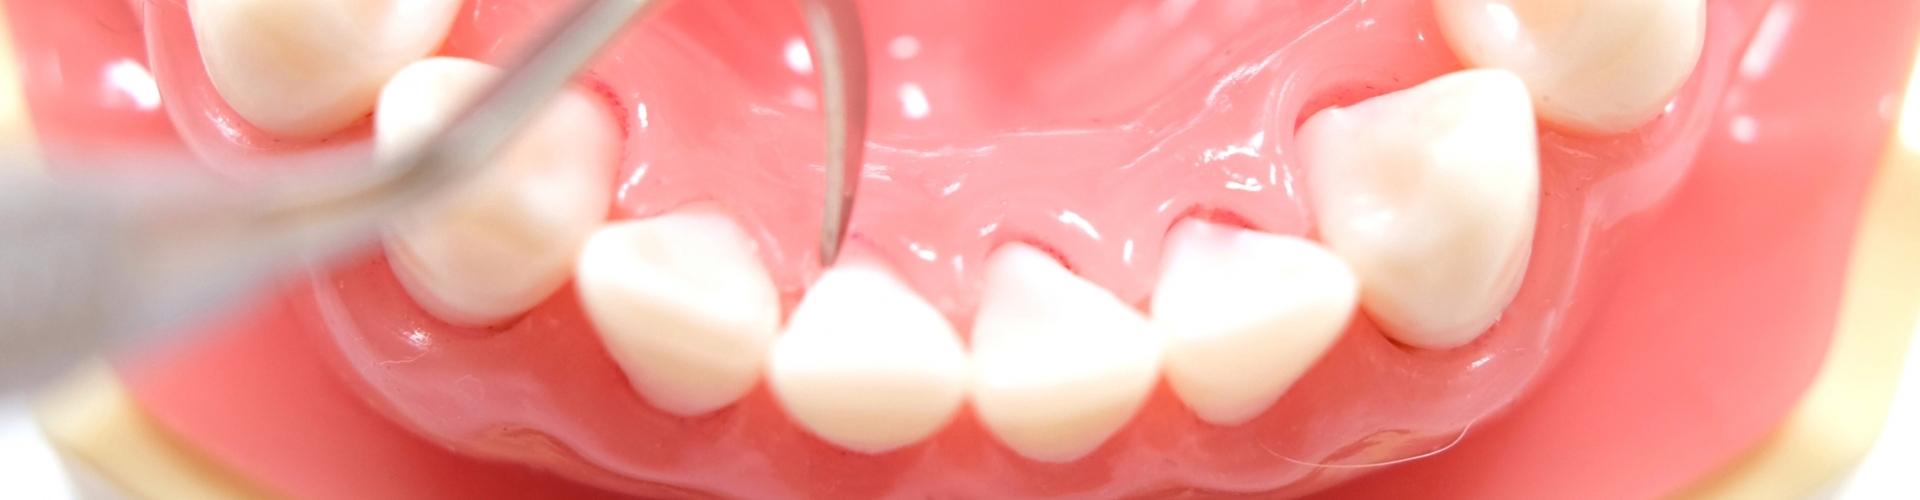 口腔解剖学